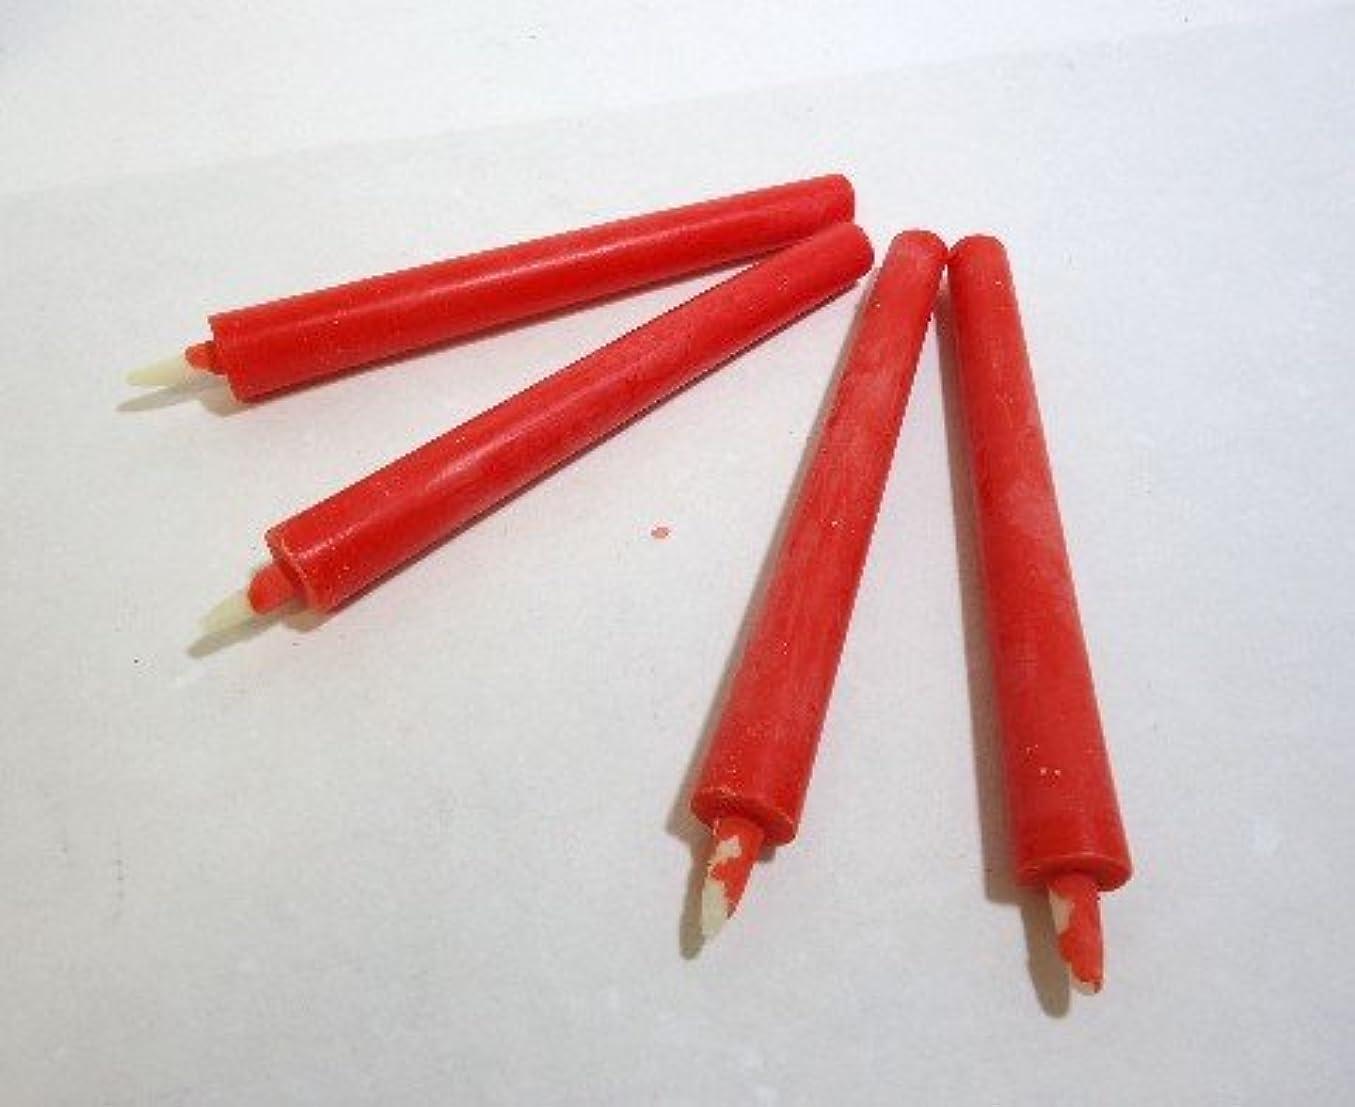 リアルあそこせっかち和ろうそく 型和蝋燭 ローソク【朱】 棒 2号 朱色 50本入り 約11センチ